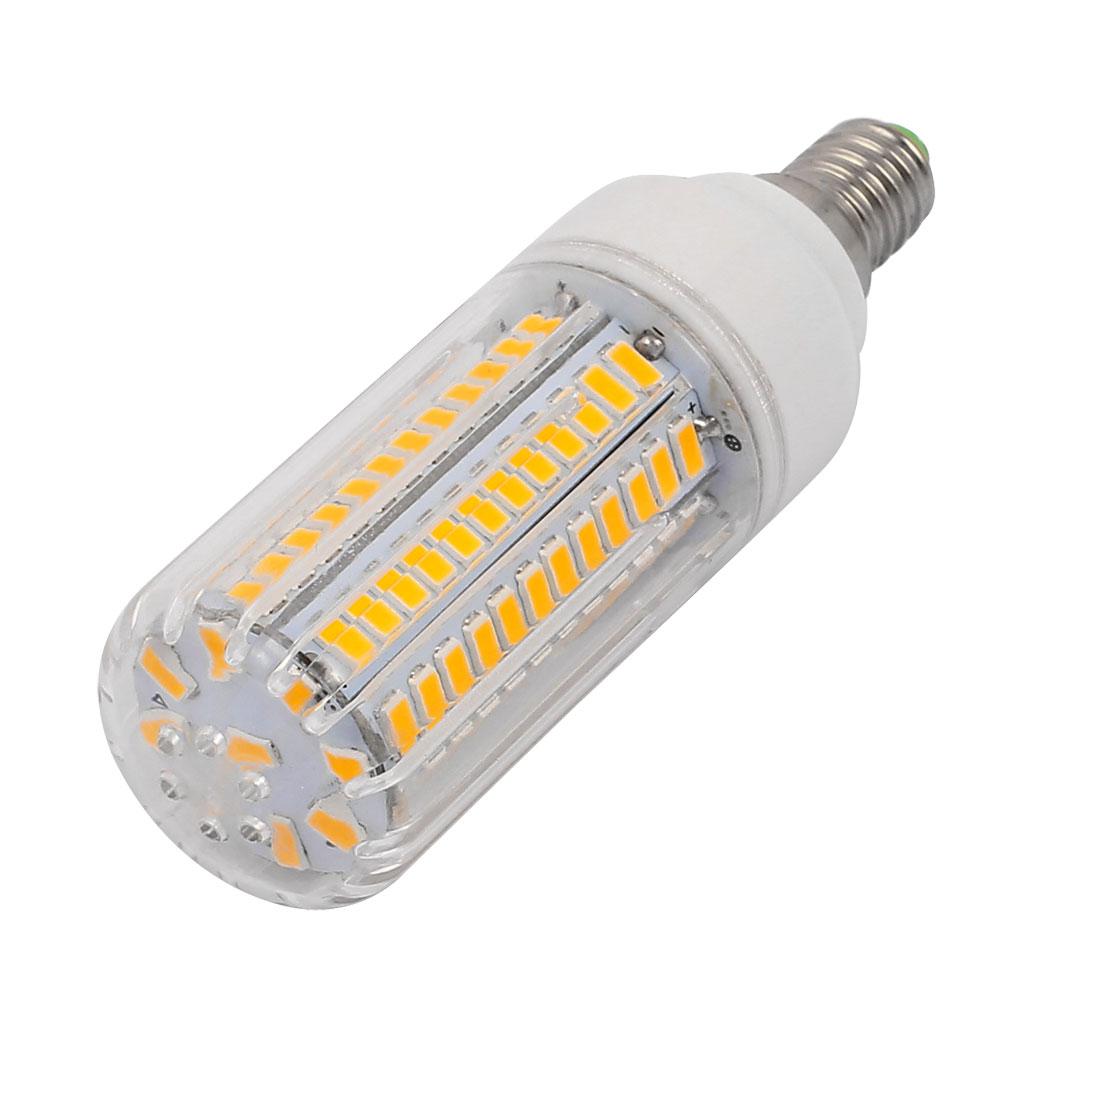 AC 220V E14 9W Warm White 105 LEDs 5736 SMD Energy Saving Silicone Corn Light Bulb